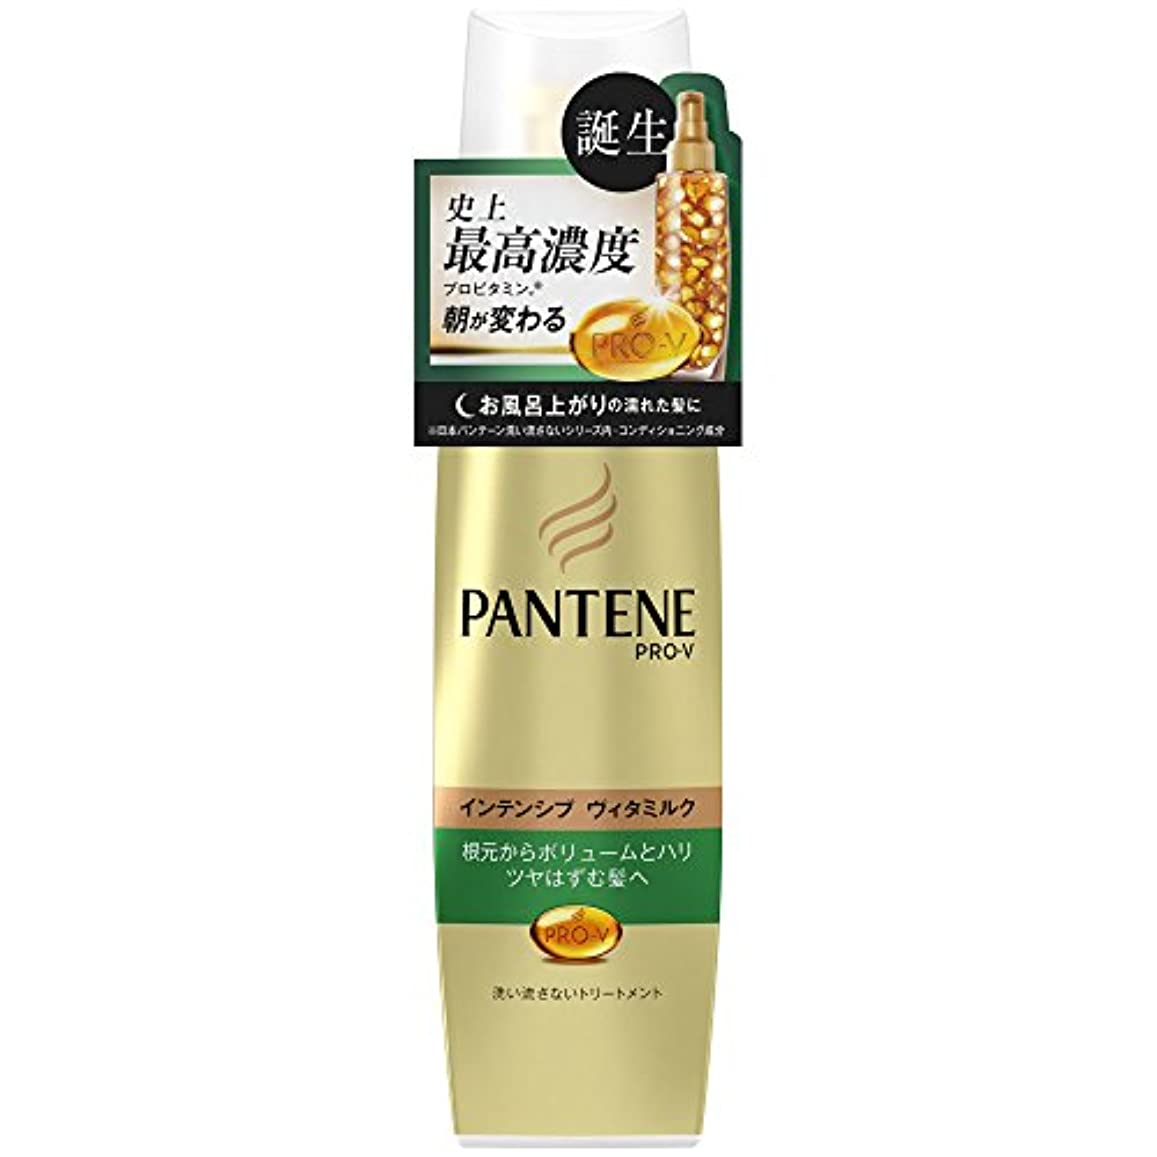 知り合い最後に爪パンテーン 洗い流さないトリートメント インテンシブヴィタミルク ボリュームのない髪用 100ml